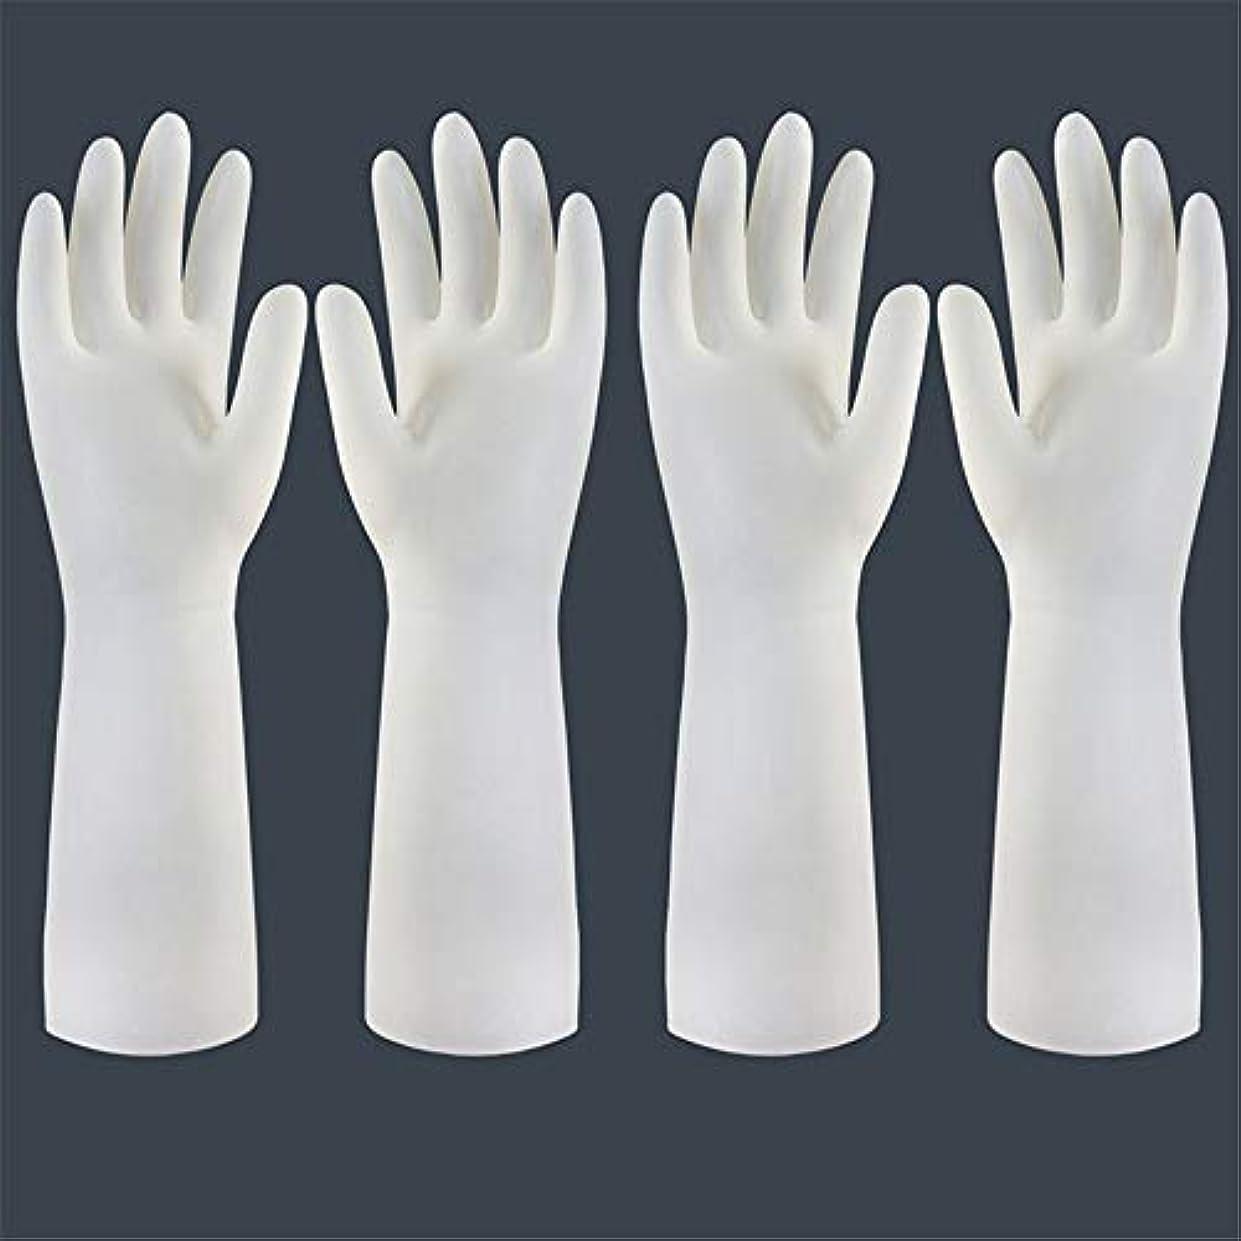 予防接種道路ご覧ください使い捨て手袋 使い捨て手袋の防水および耐久のゴム製台所手袋、小/中/大 ニトリルゴム手袋 (Color : Long-2 pair, Size : S)